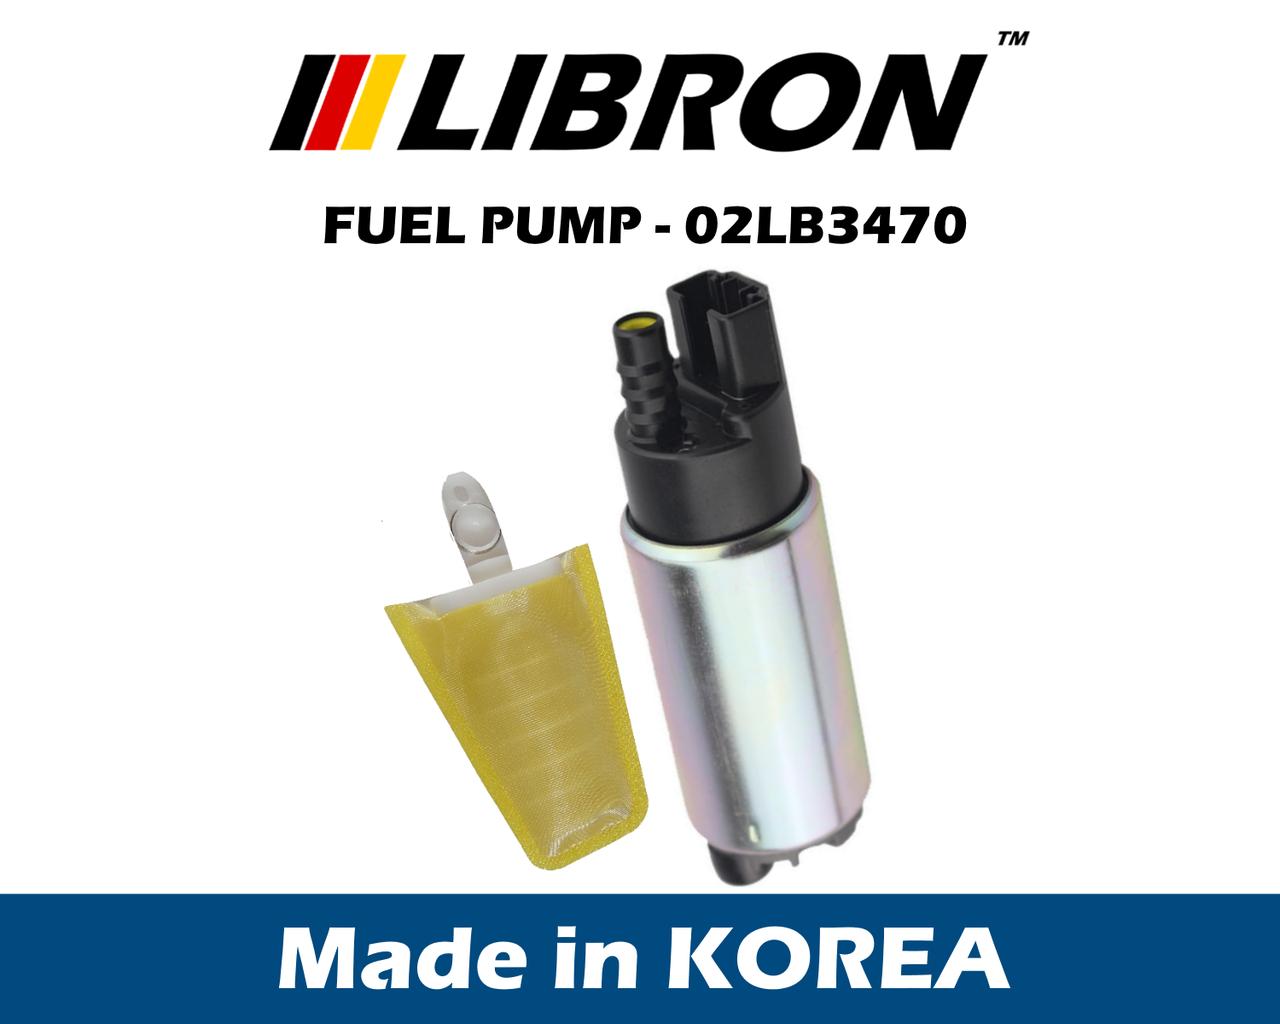 Топливный насос LIBRON 02LB3470 - JEEP WRANGLER II (1996-2007)